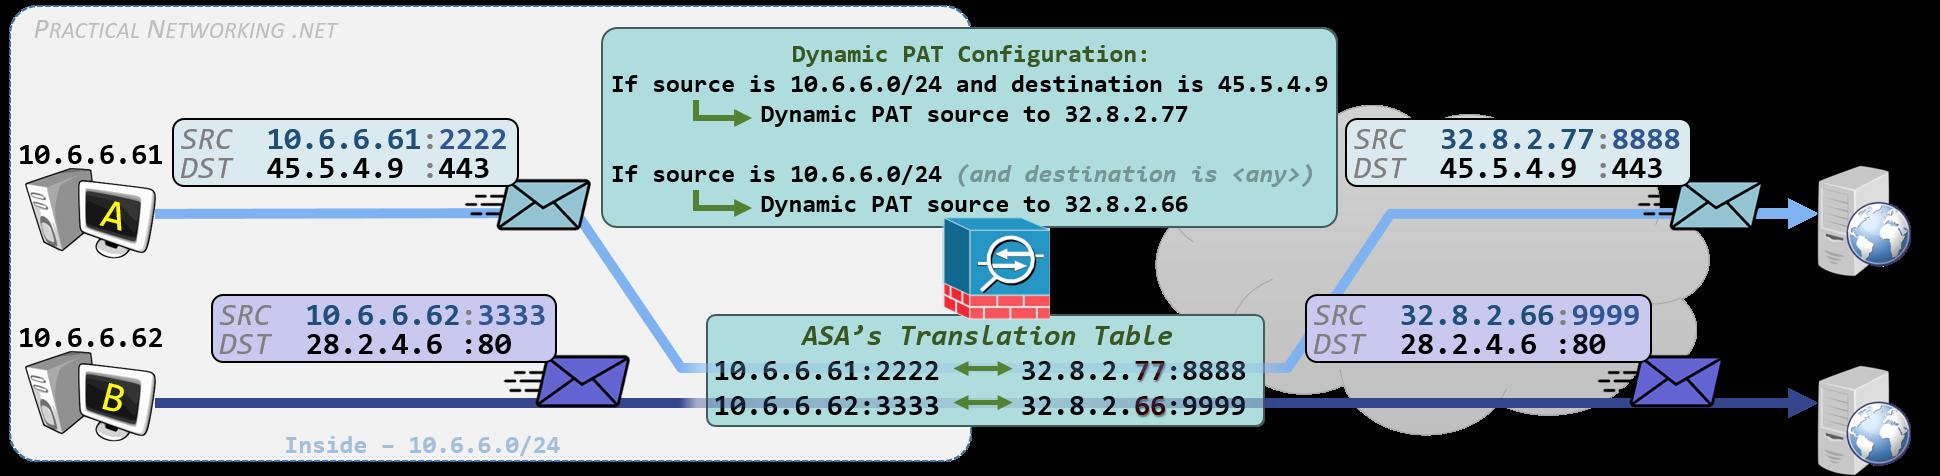 Cisco ASA NAT - Configuring Policy NAT with Manual NAT